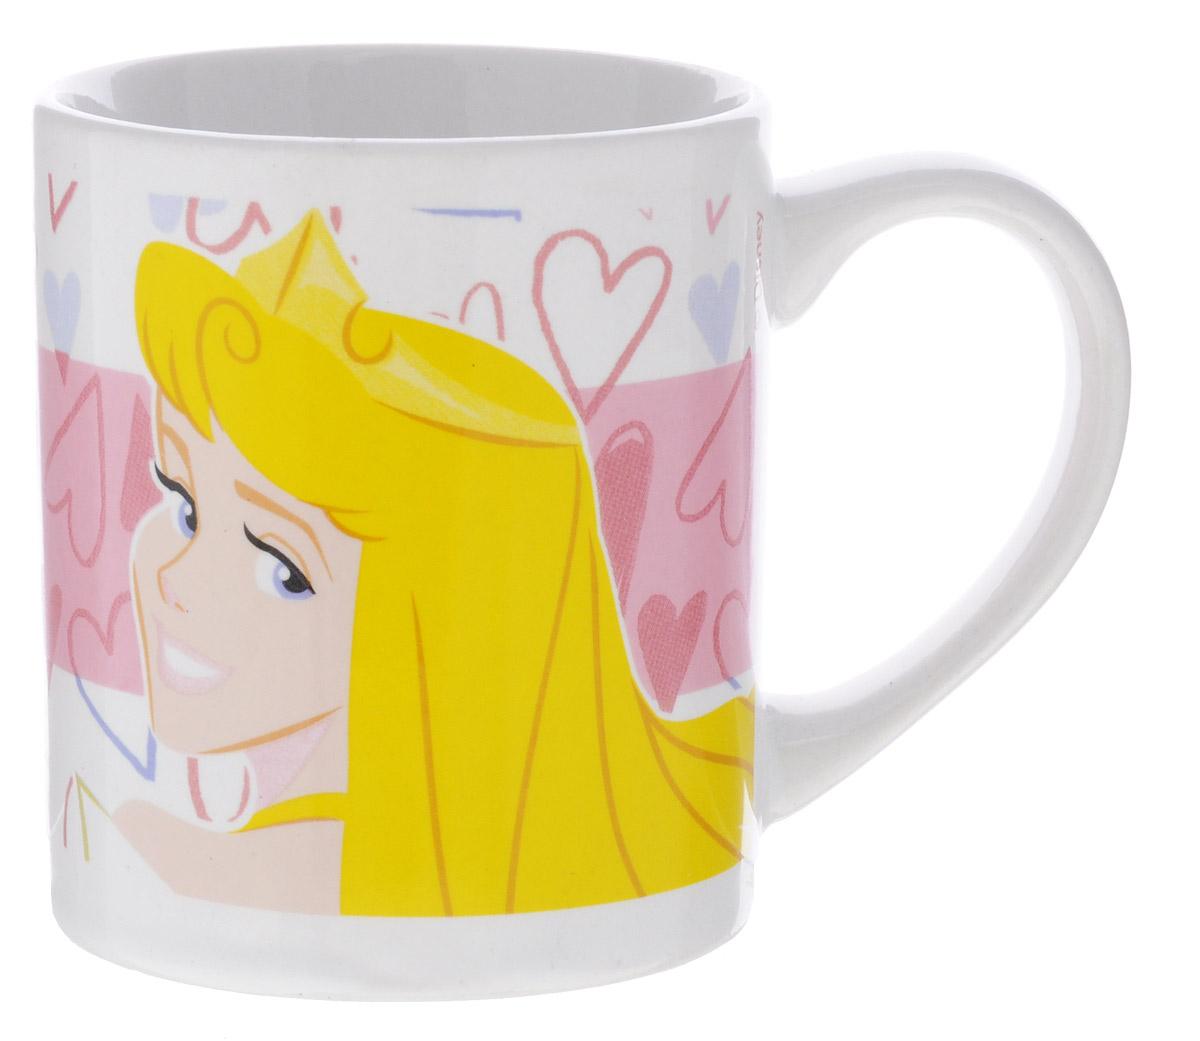 Stor Кружка детская Принцесса Аврора 220 мл70339Детская кружка Stor Принцесса Аврора из серии Stor Disney Princess с любимой героиней станет отличным подарком для вашей малышки. Она выполнена из керамики и оформлена изображением диснеевской принцессы Авроры. Кружка дополнена удобной ручкой. Такой подарок станет не только приятным, но и практичным сувениром: кружка будет незаменимым атрибутом чаепития, а оригинальное оформление кружки добавит ярких эмоций и хорошего настроения. Можно использовать в СВЧ-печи и посудомоечной машине.